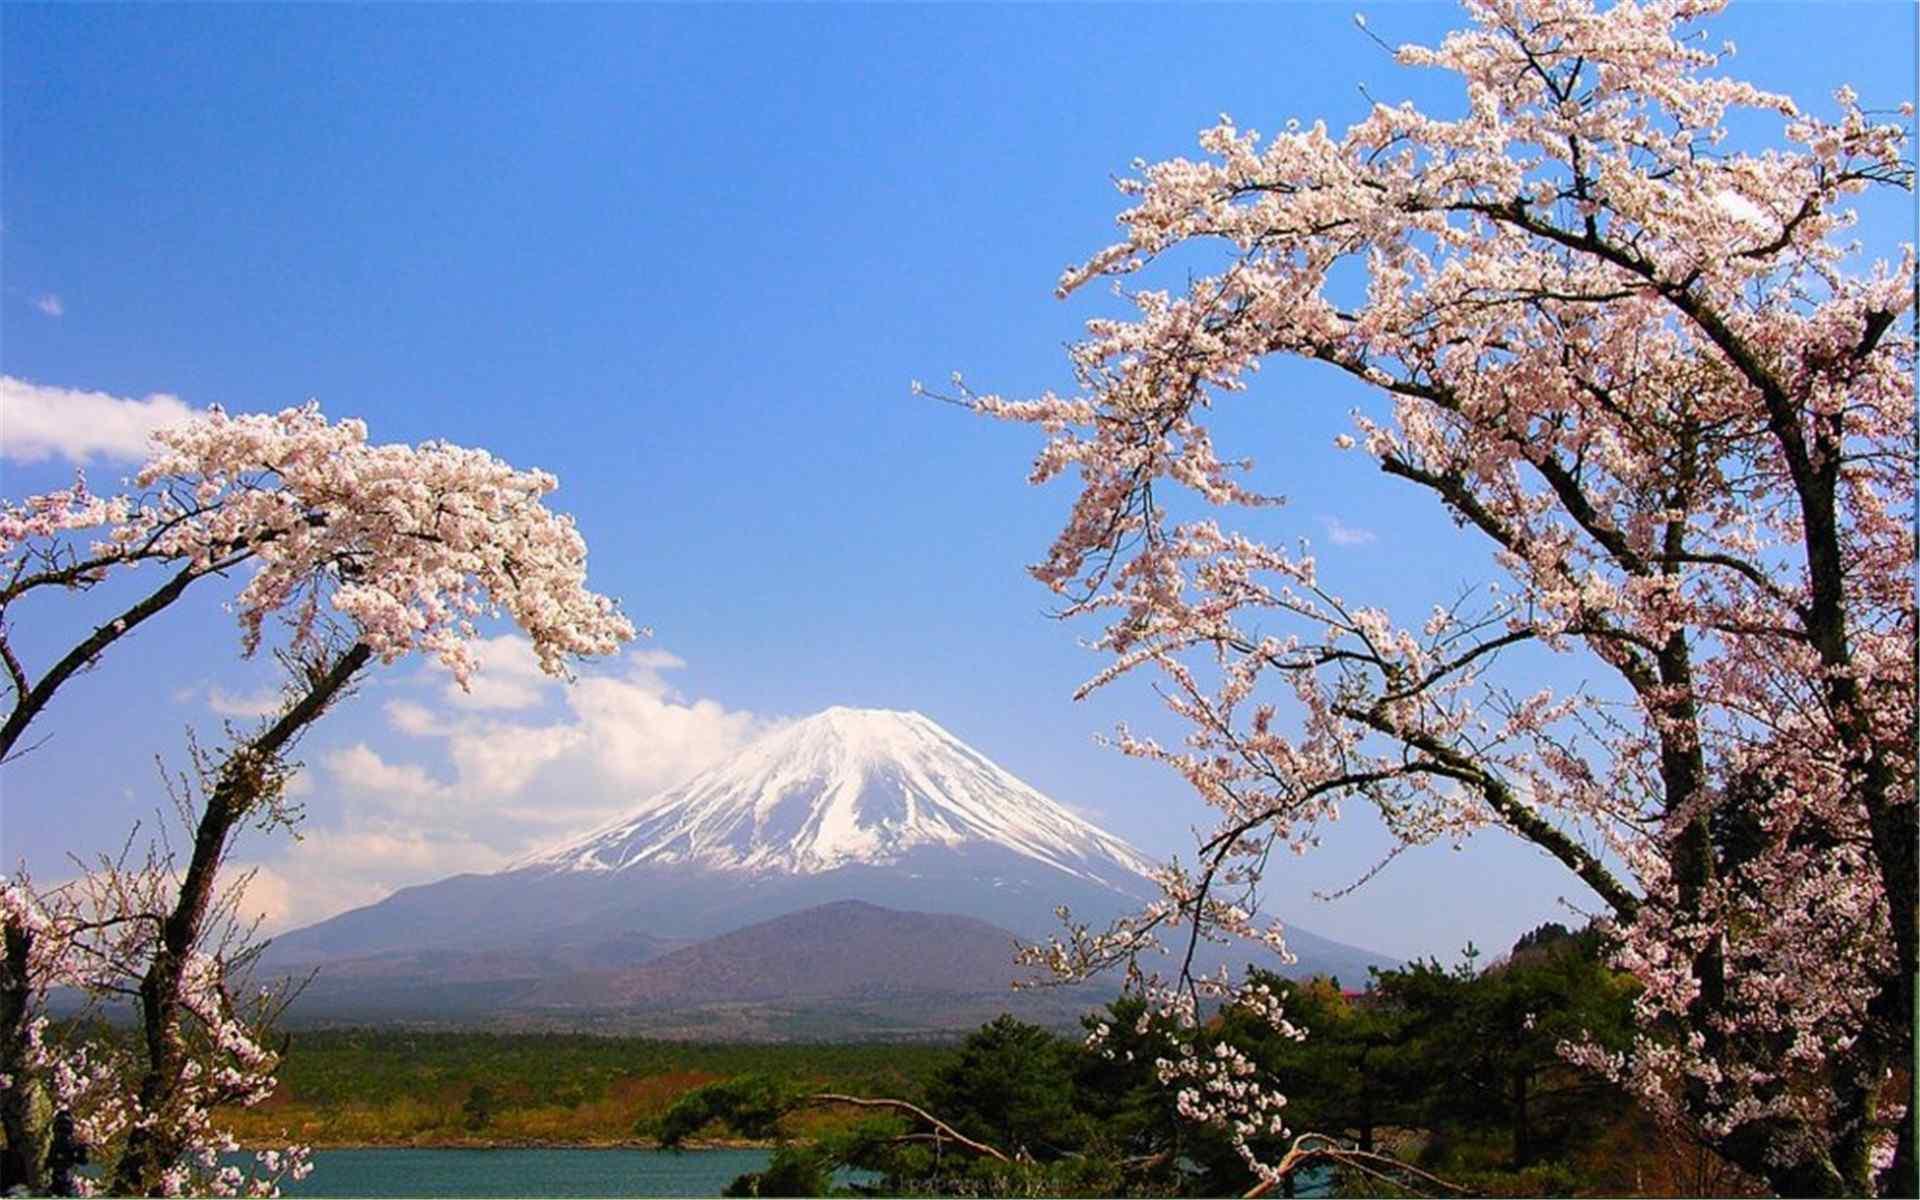 日本富士山唯美风景图片高清壁纸 -桌面天下(Desktx.com)